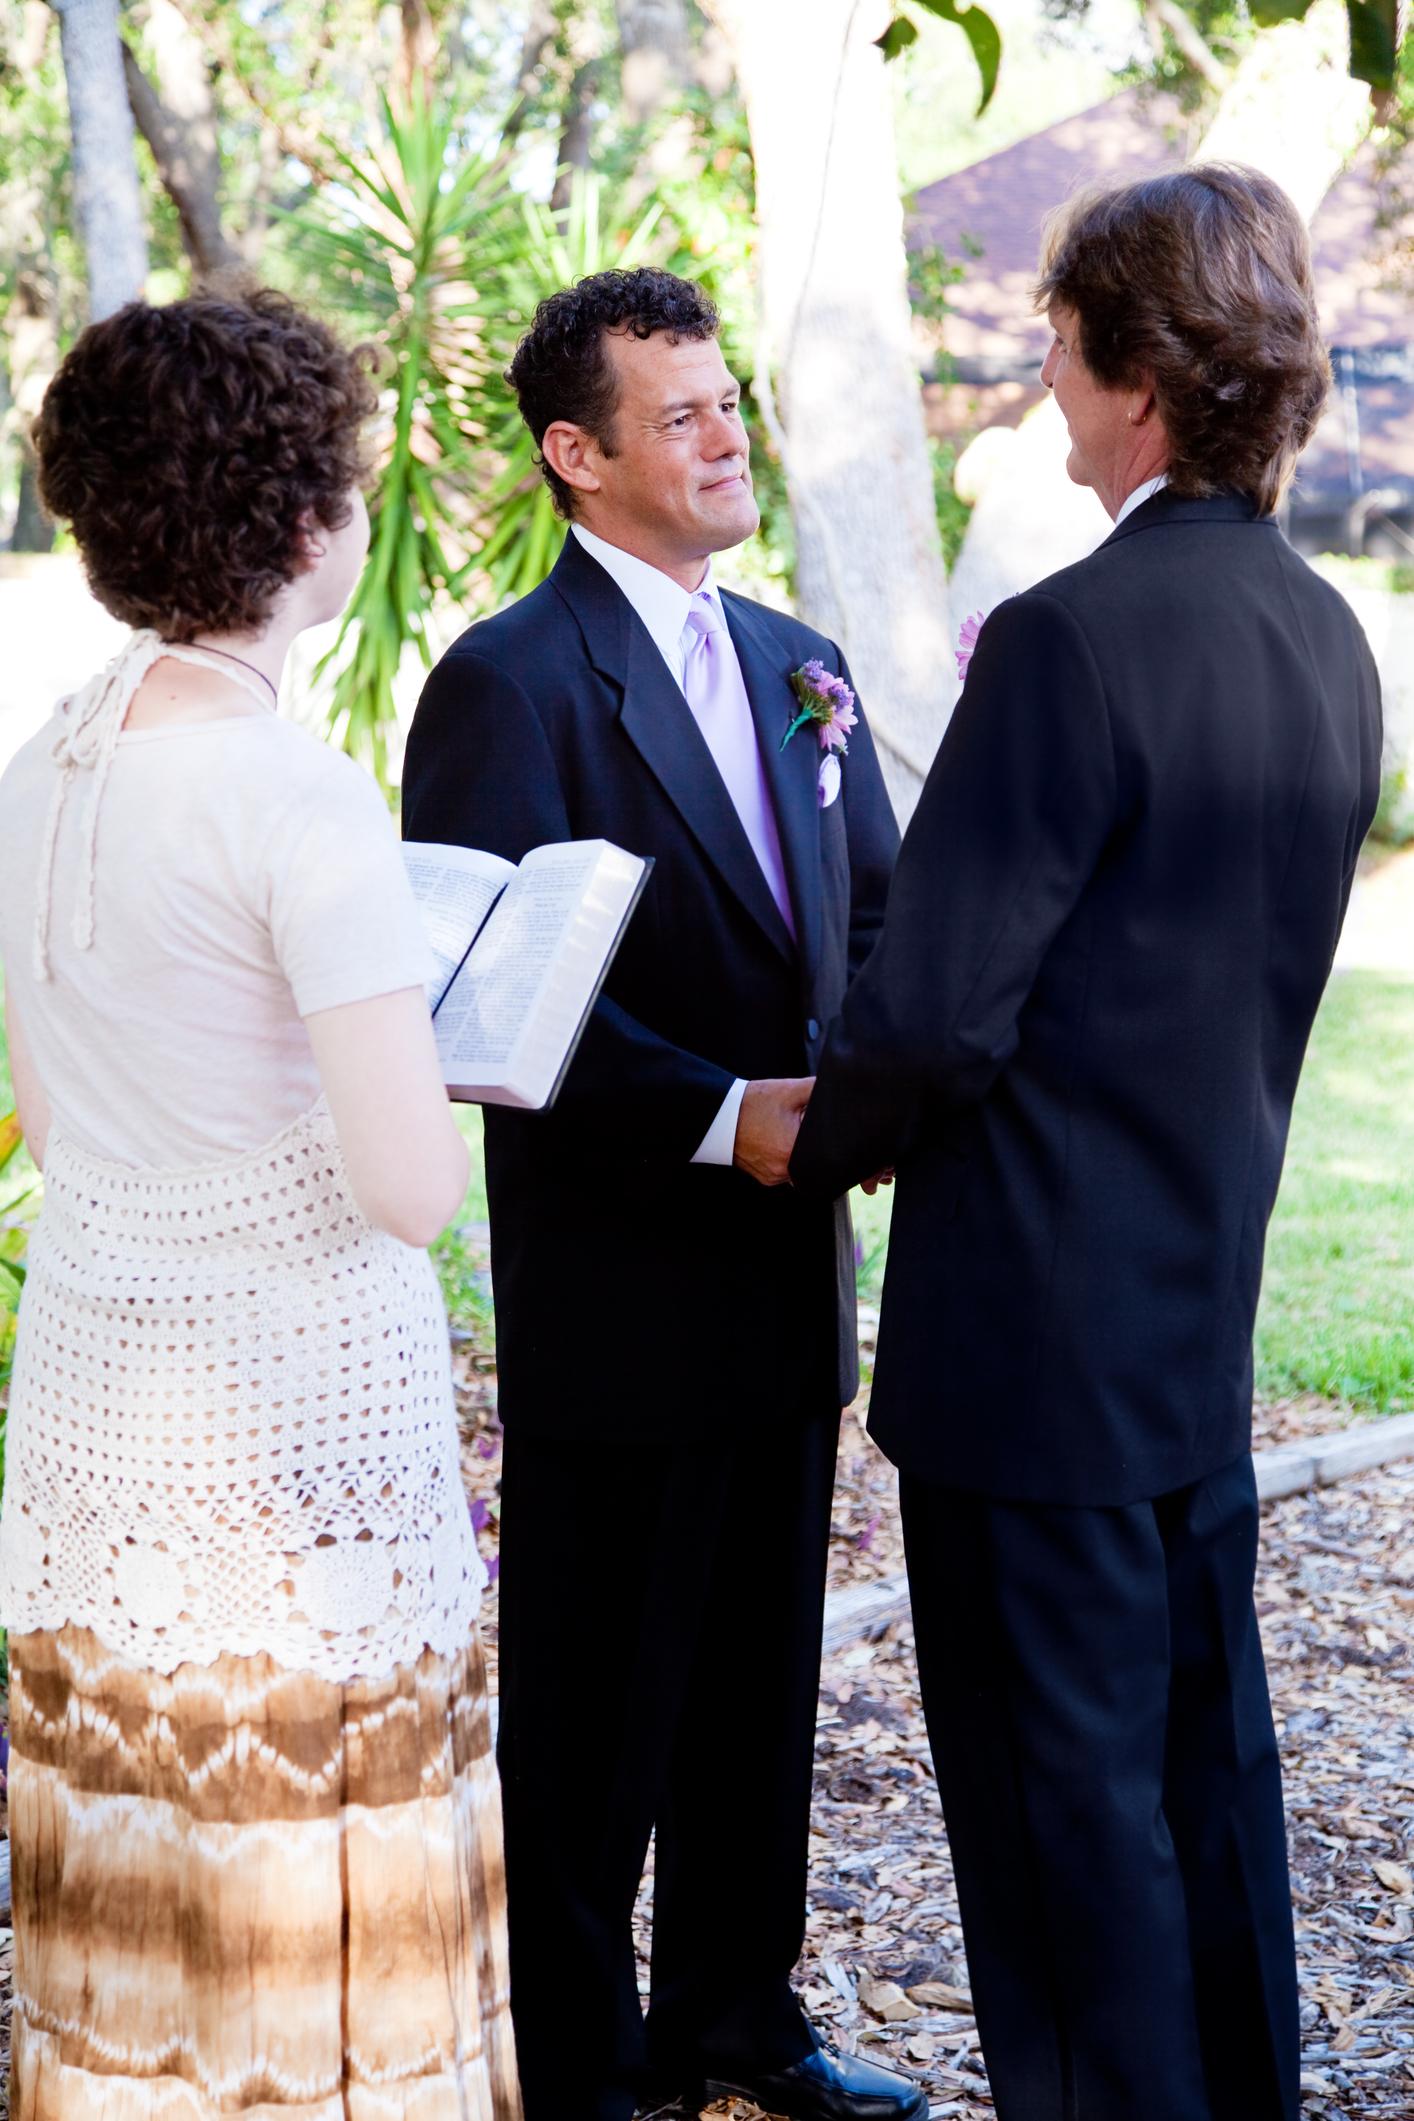 image Comment écrire facilement des vœux de mariage personnalisé ?